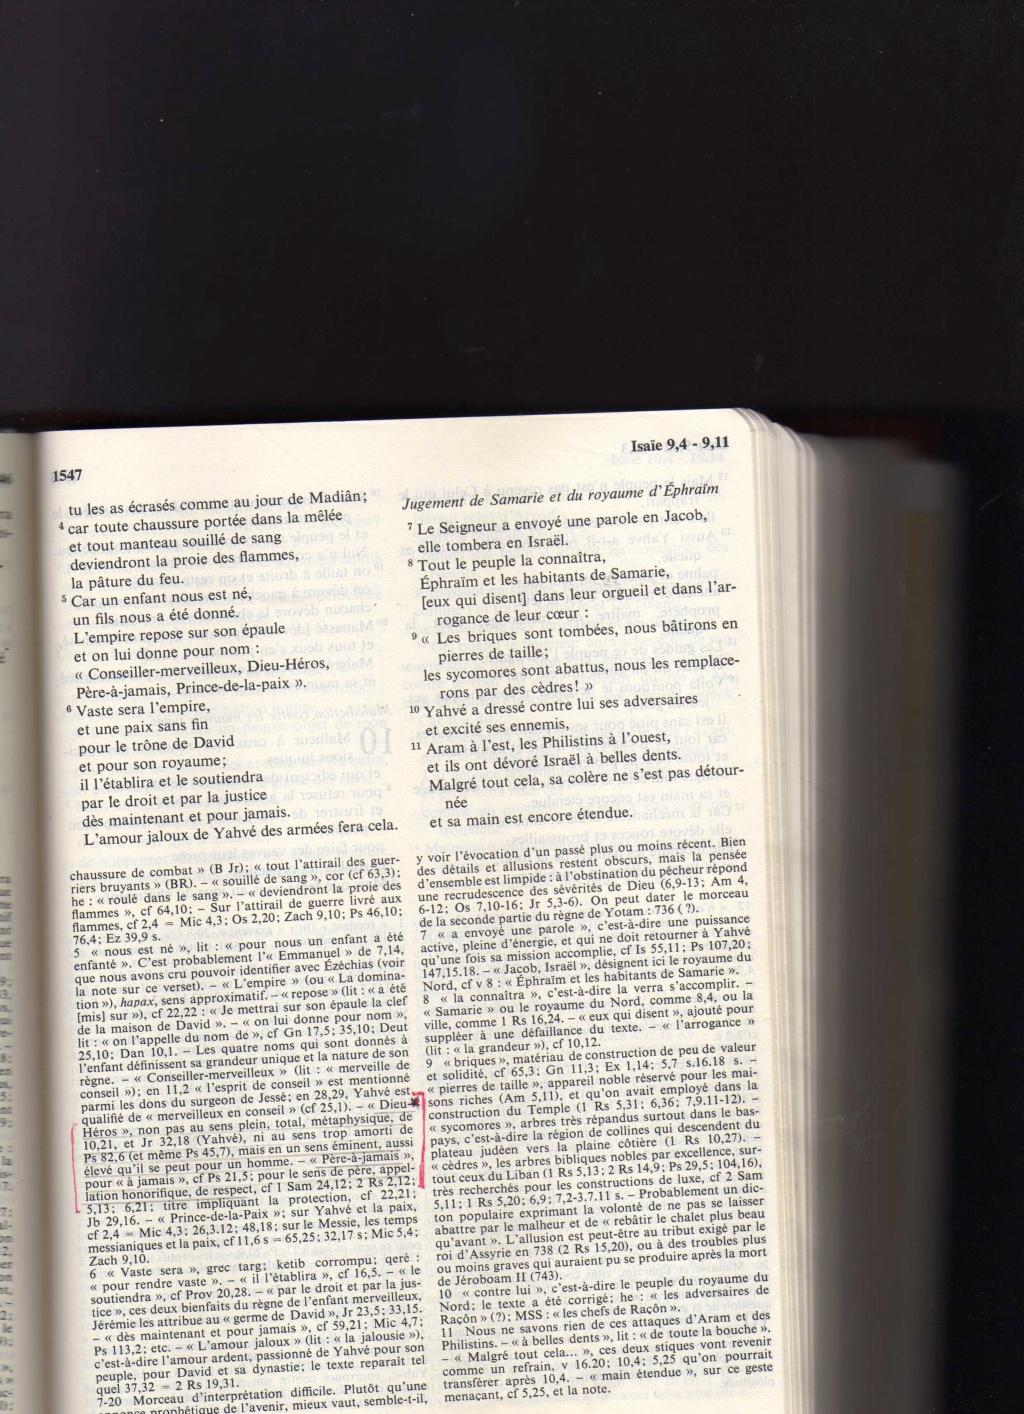 Romain 10:13 (TMN) => tout homme qui invoquera le nom de Jéhovah sera sauvé Img75710